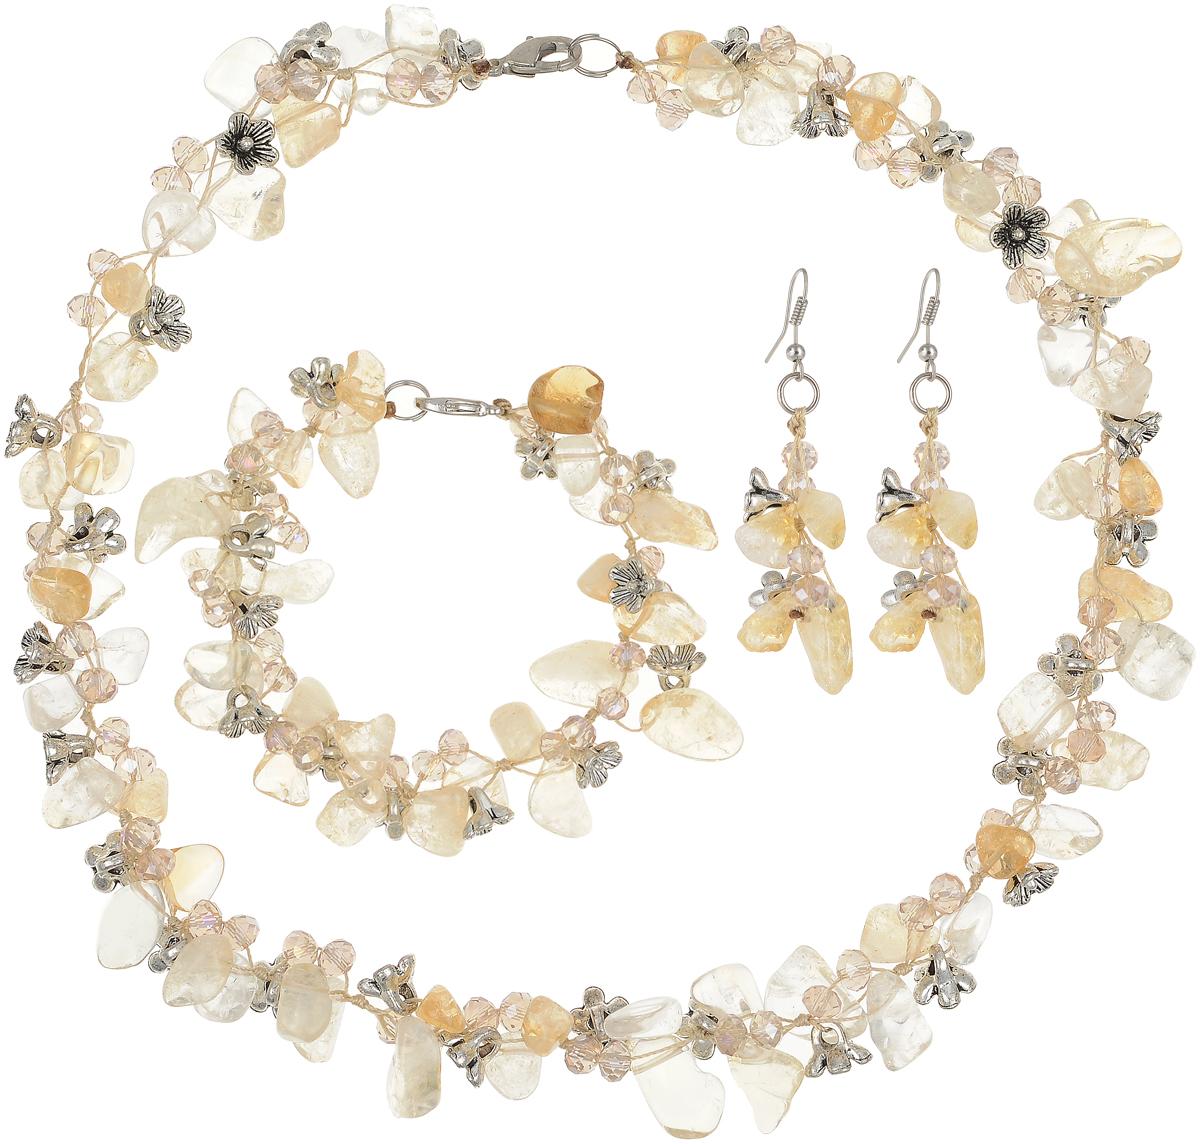 Колье/ожерелье Art-Silver, цвет: желтый. СМЦ36-8-956СМЦ36-8-956Бижутерный сплав, цитрин, кристаллы.